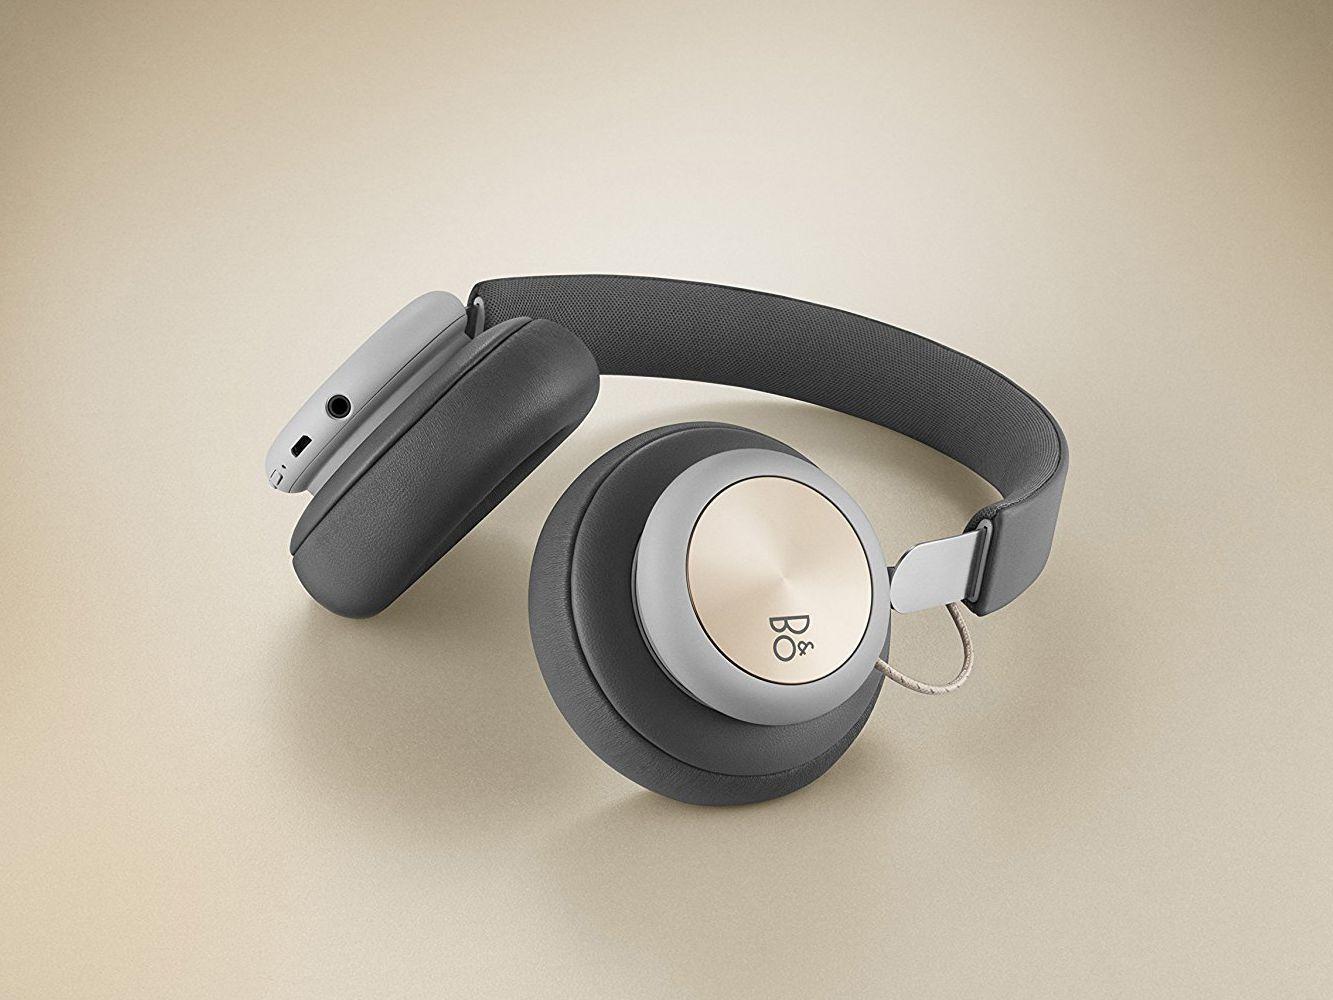 7d1eaa4c25d The 14 Best Wireless Headphones of 2019